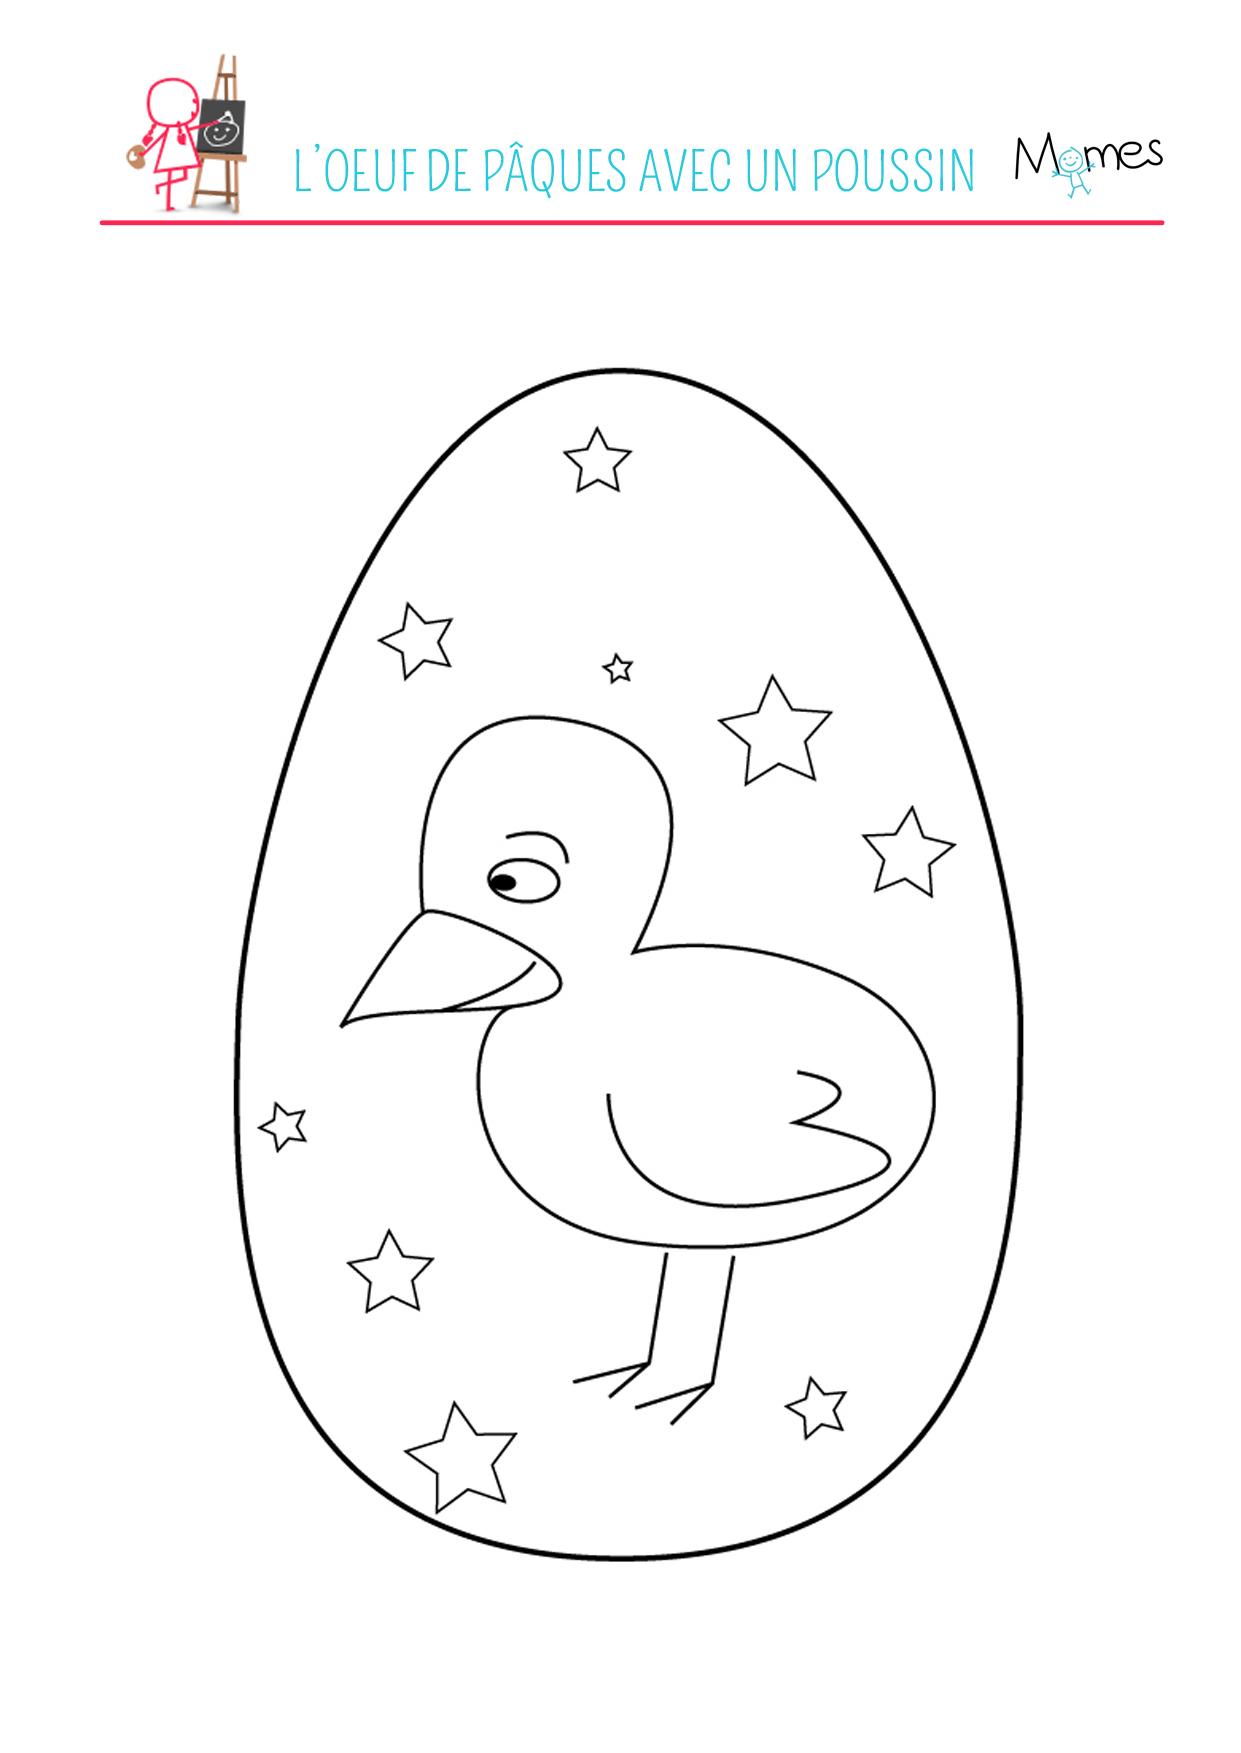 Coloriage du poussin dans l'œuf de Pâques